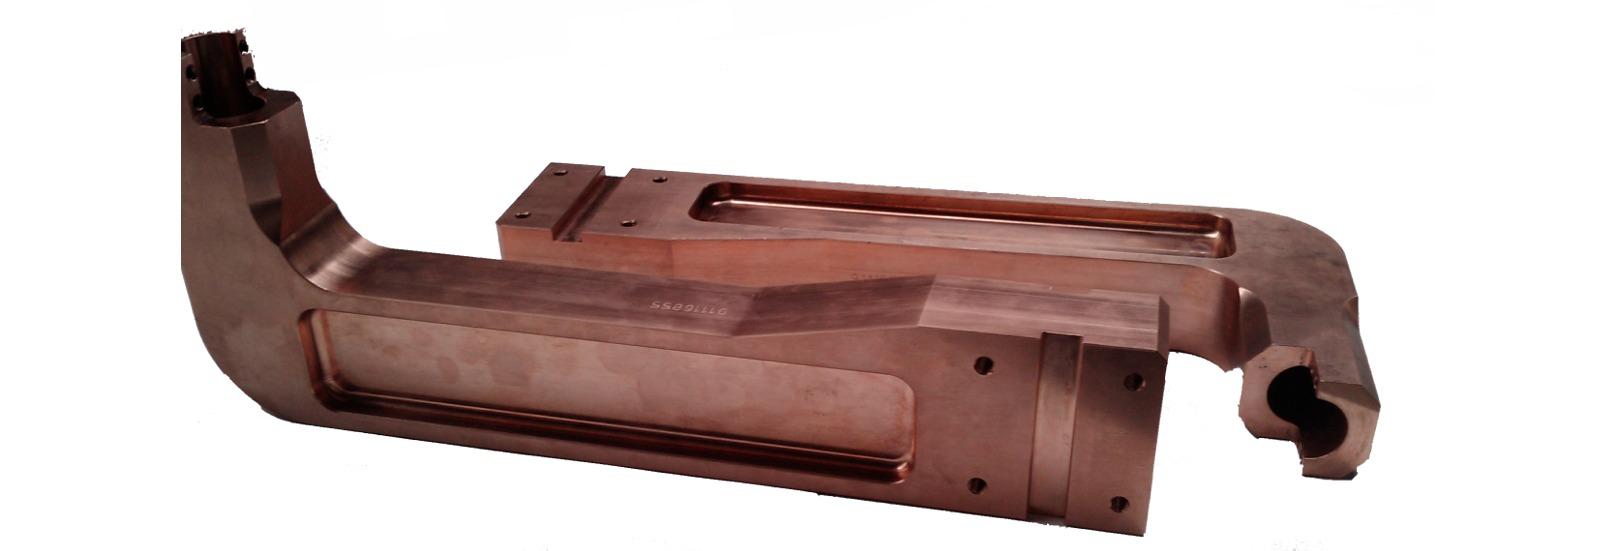 Fabricant de porte électrode pour plateau inférieur, supérieur